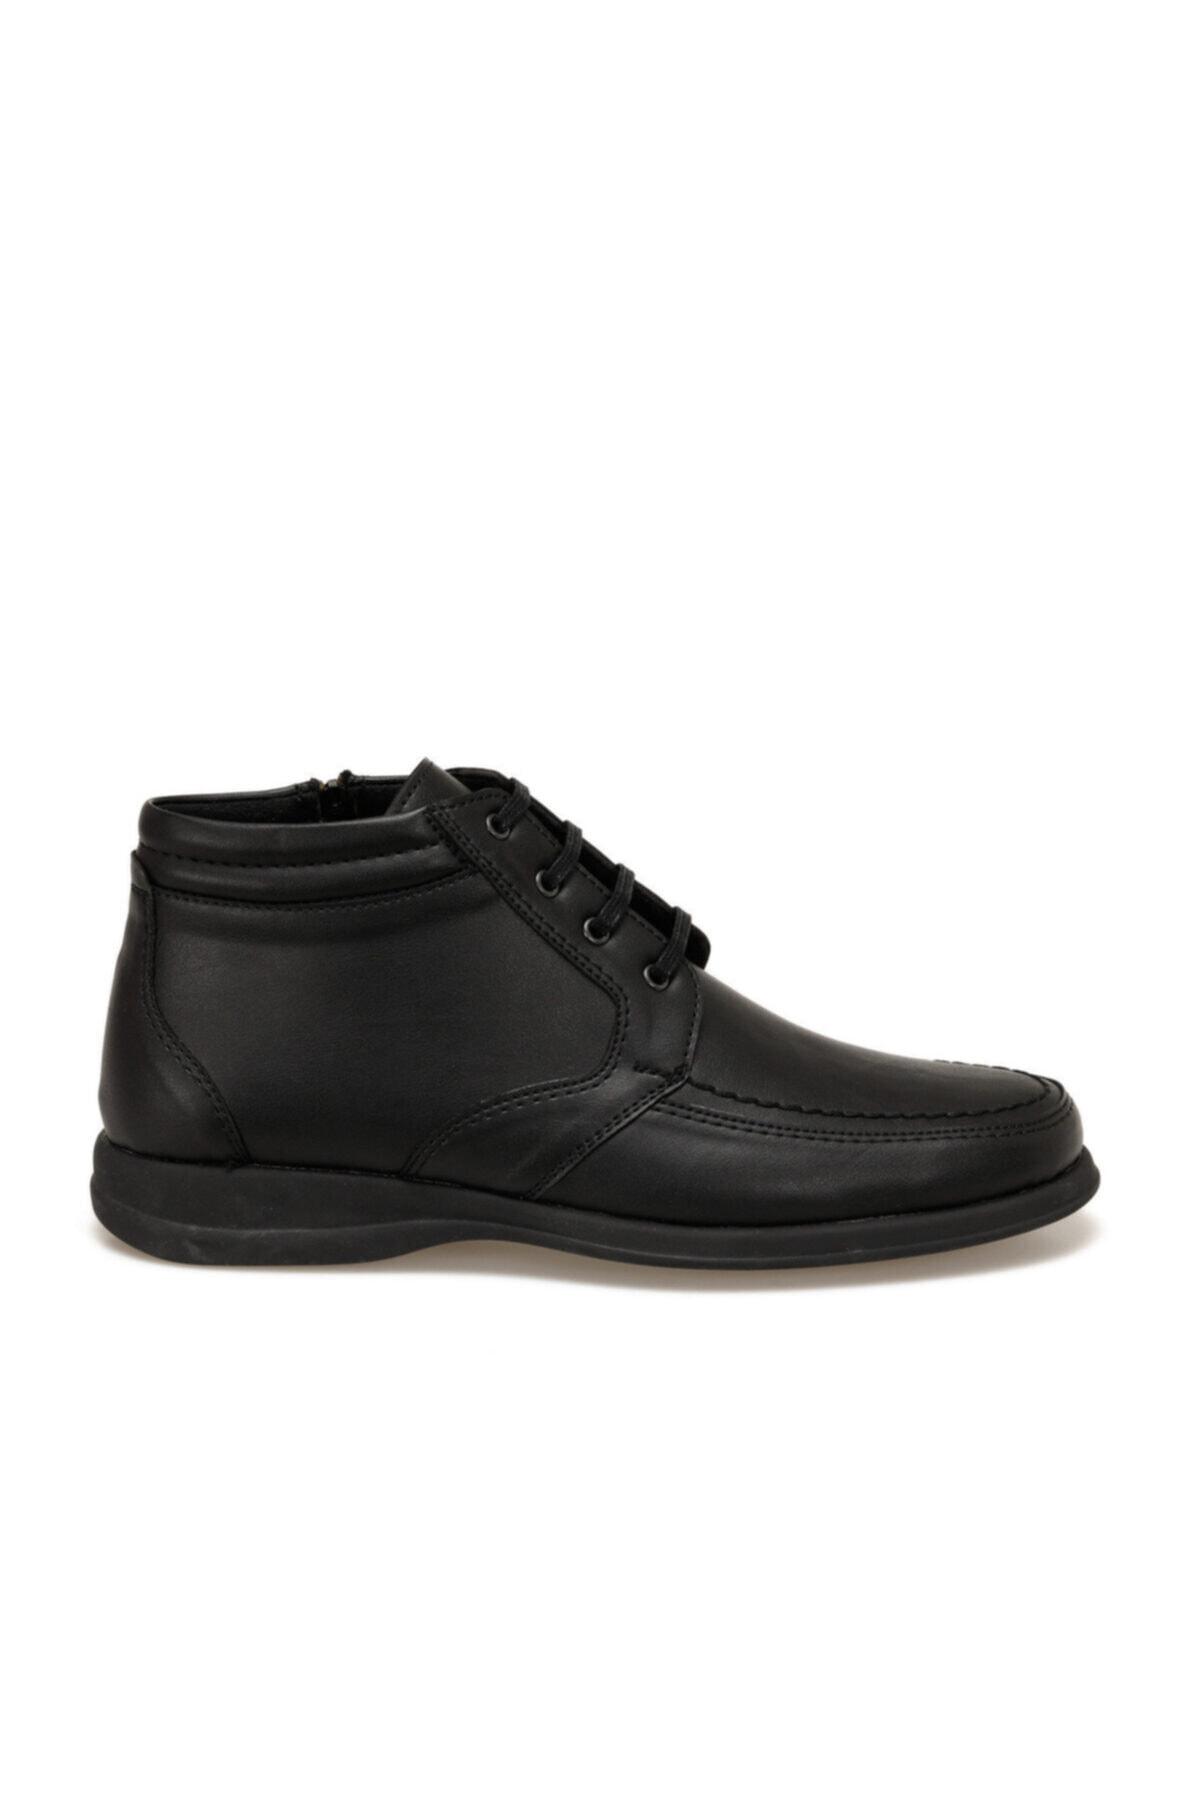 Flexall AL-36 Siyah Erkek Ayakkabı 100581281 2